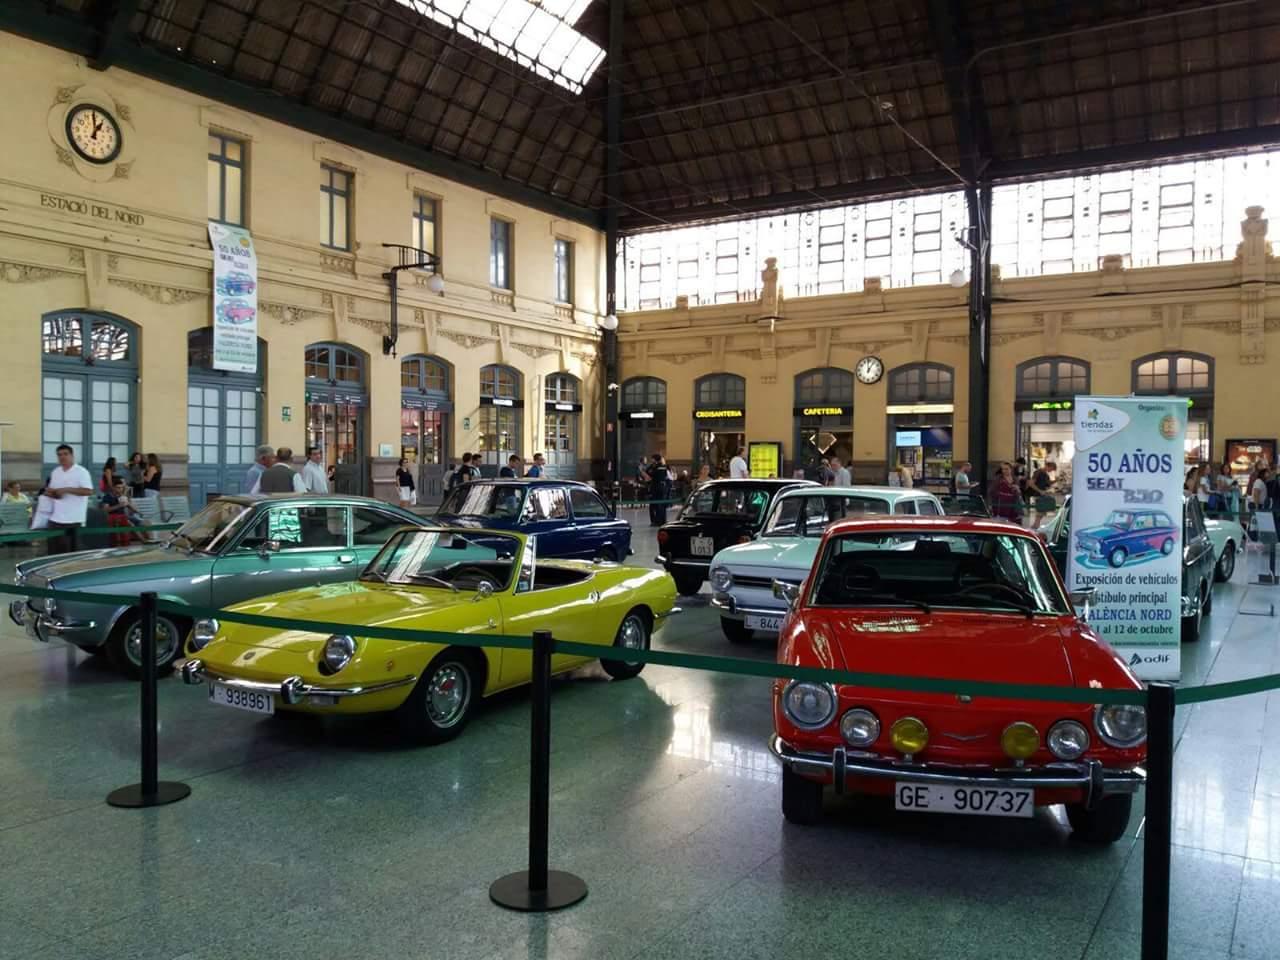 La Estación del Norte de Valencia acoge una exhibición del Seat 850